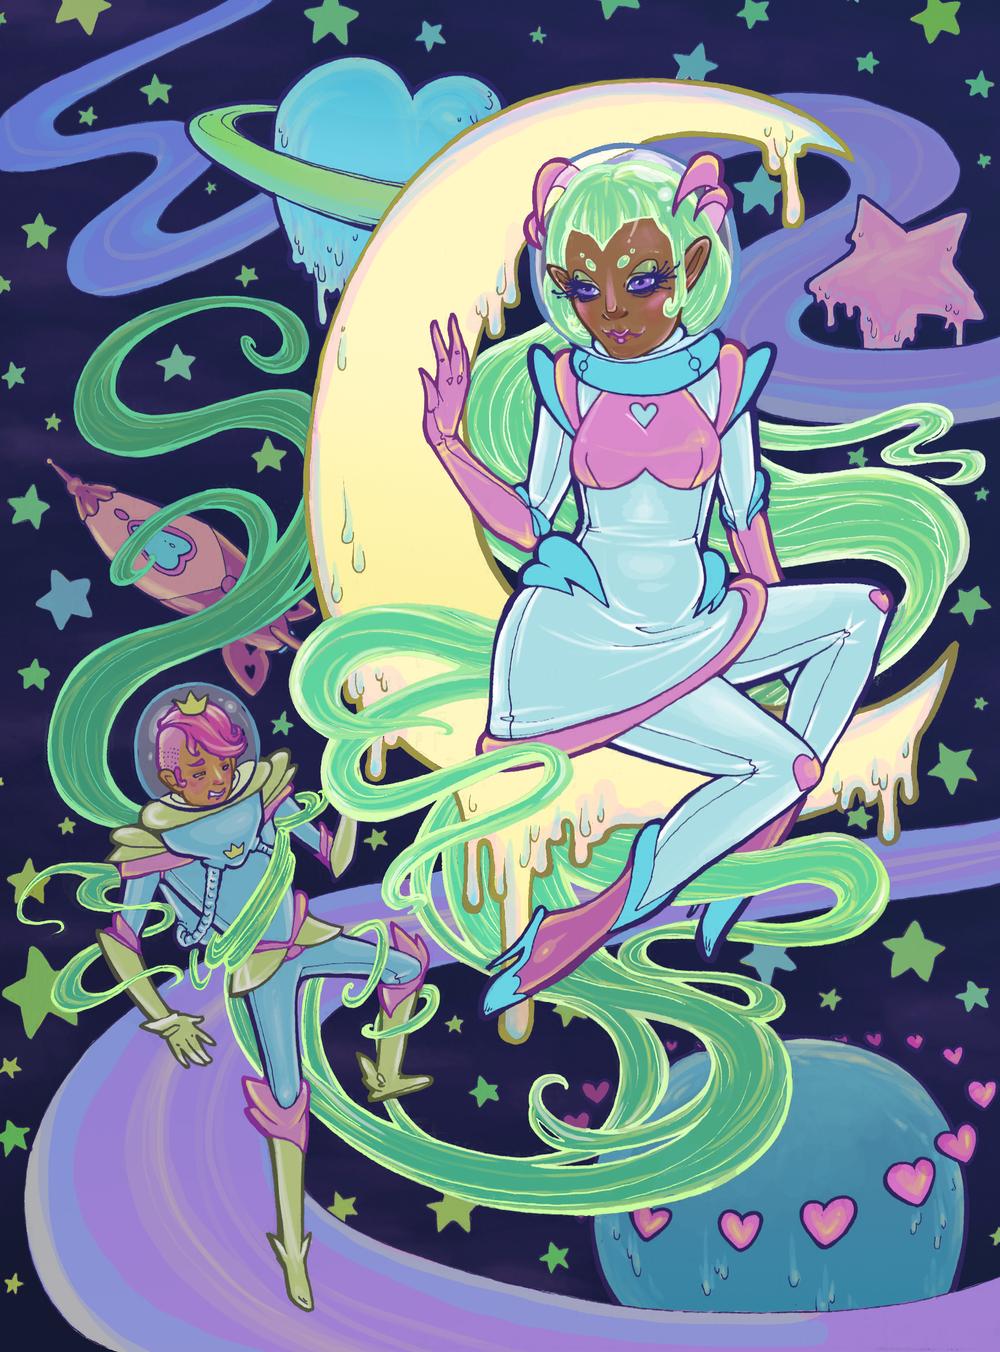 Galactic Princess Rapunzel